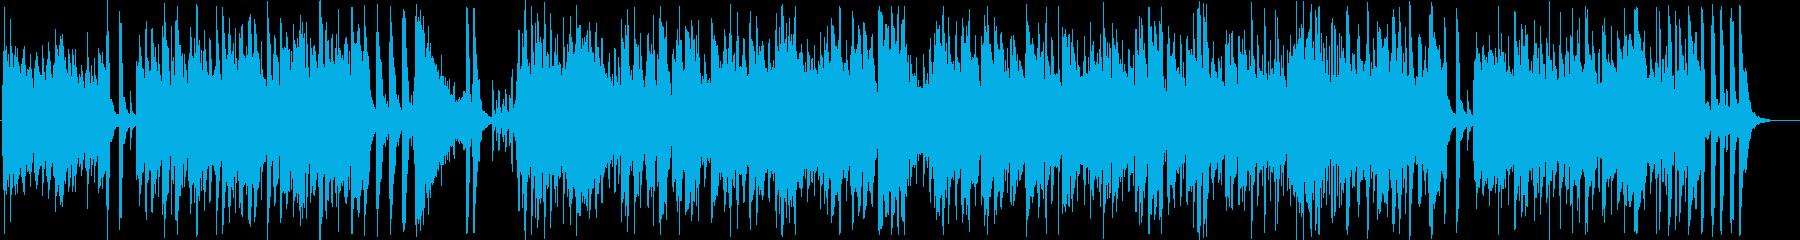 コミカルなインフォメーションミュージックの再生済みの波形